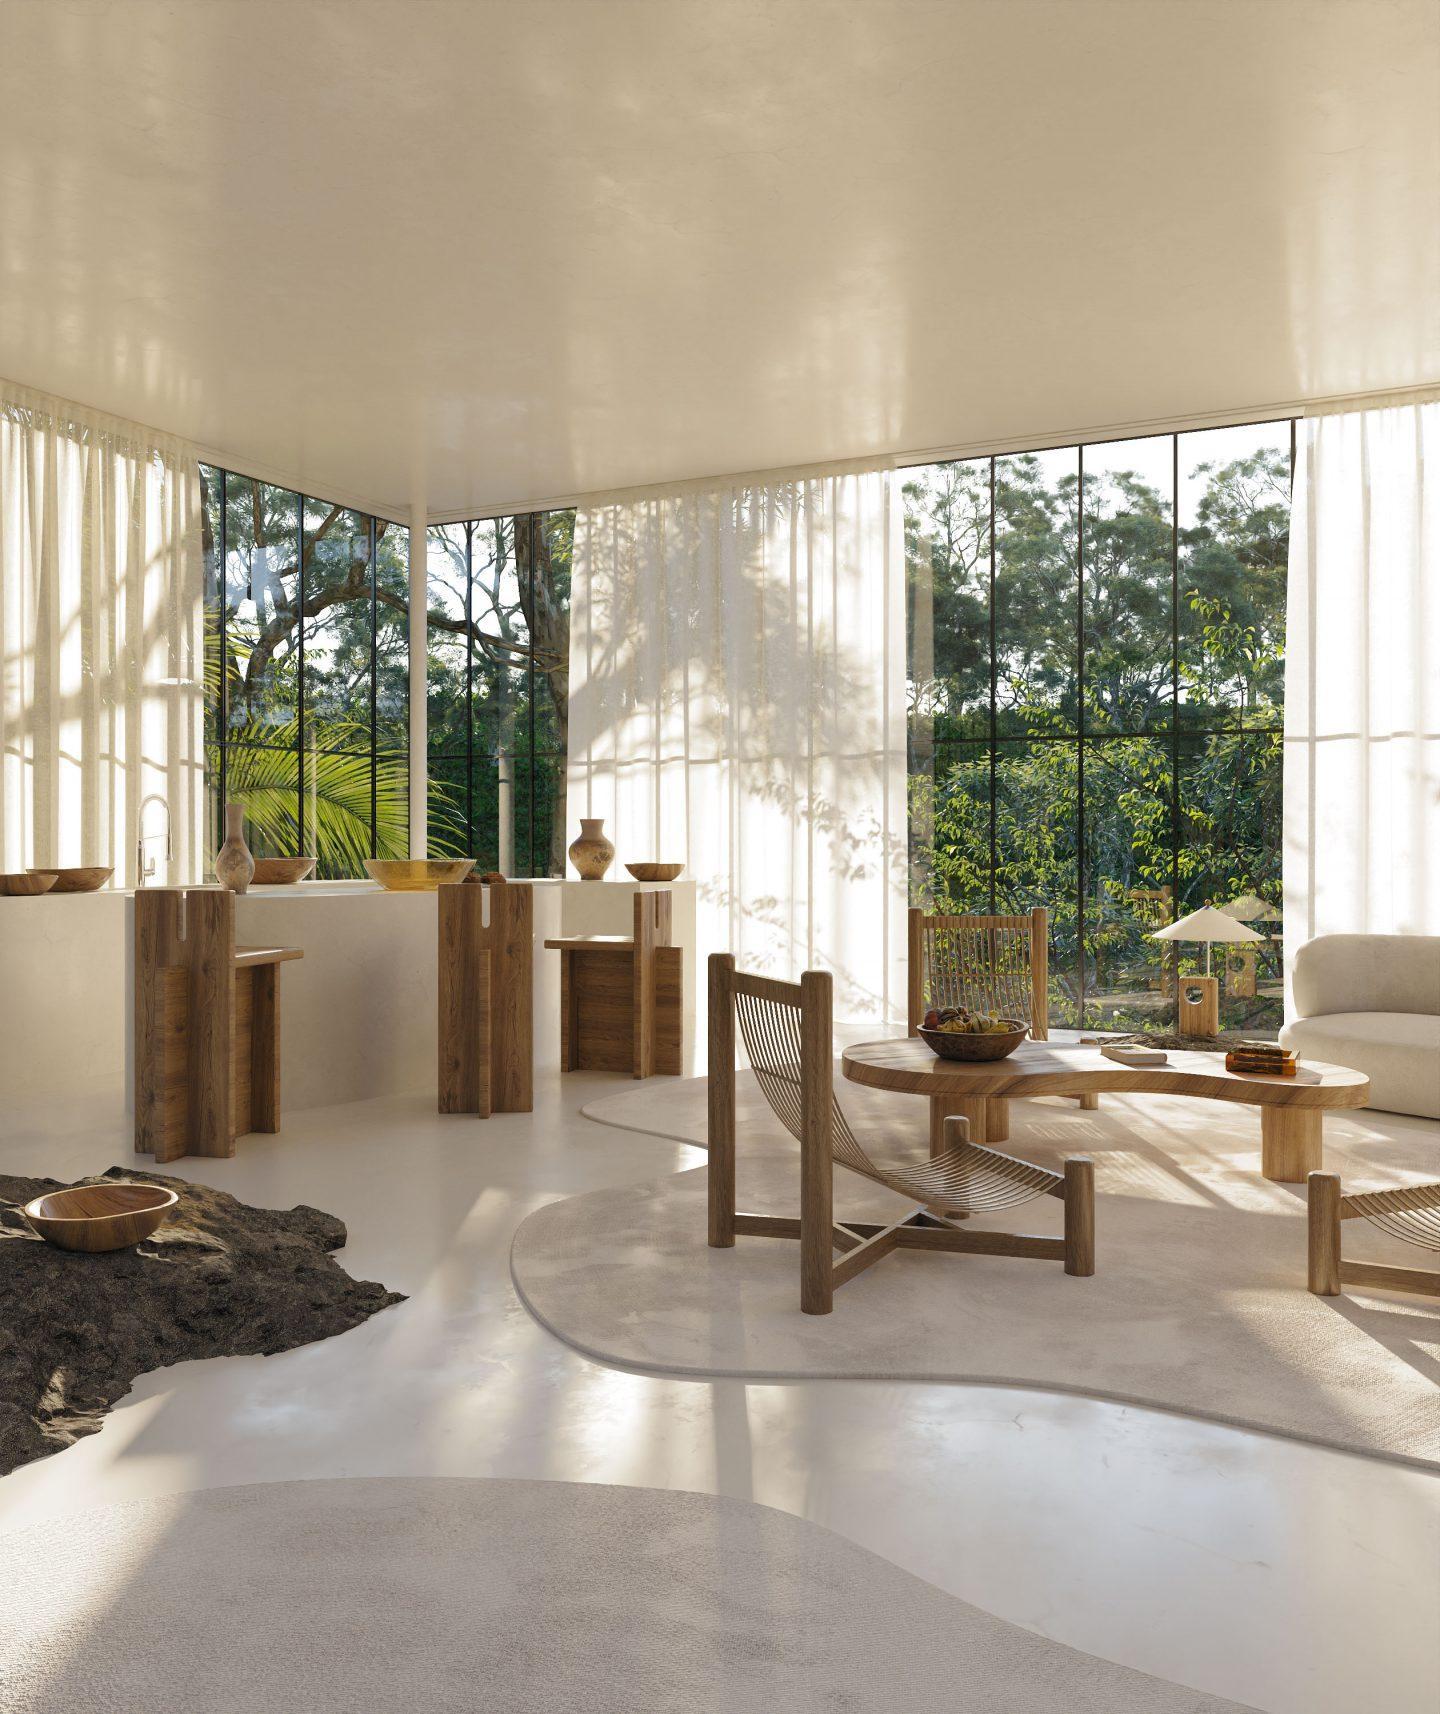 IGNANT-Architecture-CasaAtibaia-6